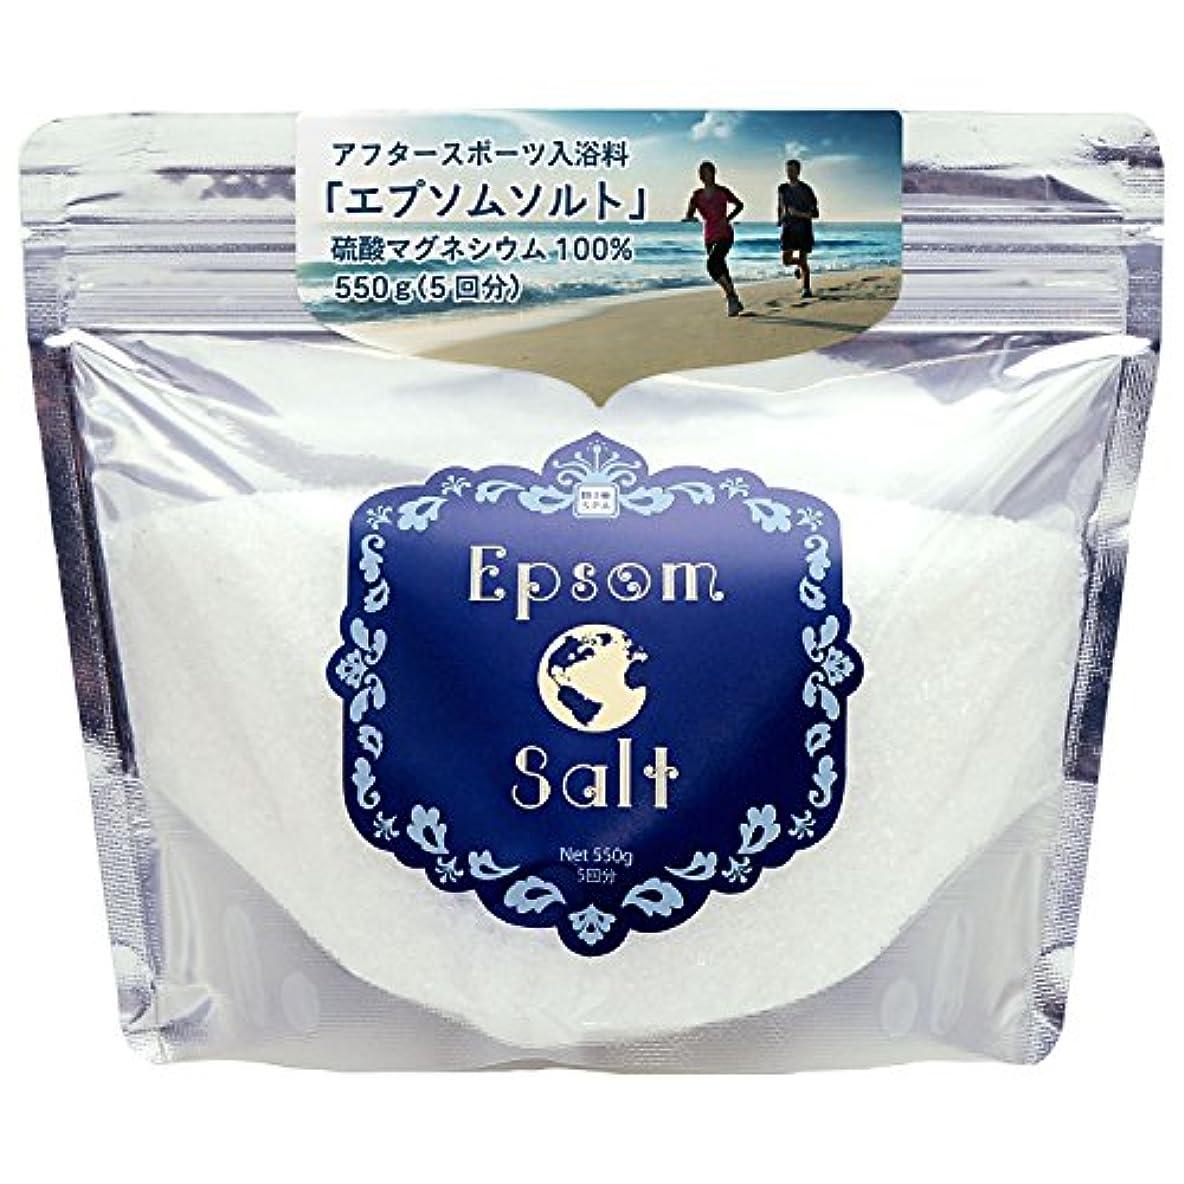 レンドチート魔女BIOSPA(ビオスパ) 入浴剤 エプソムソルト スポーツエディション 550g 約5回分 軽量スプーン付 EBS402